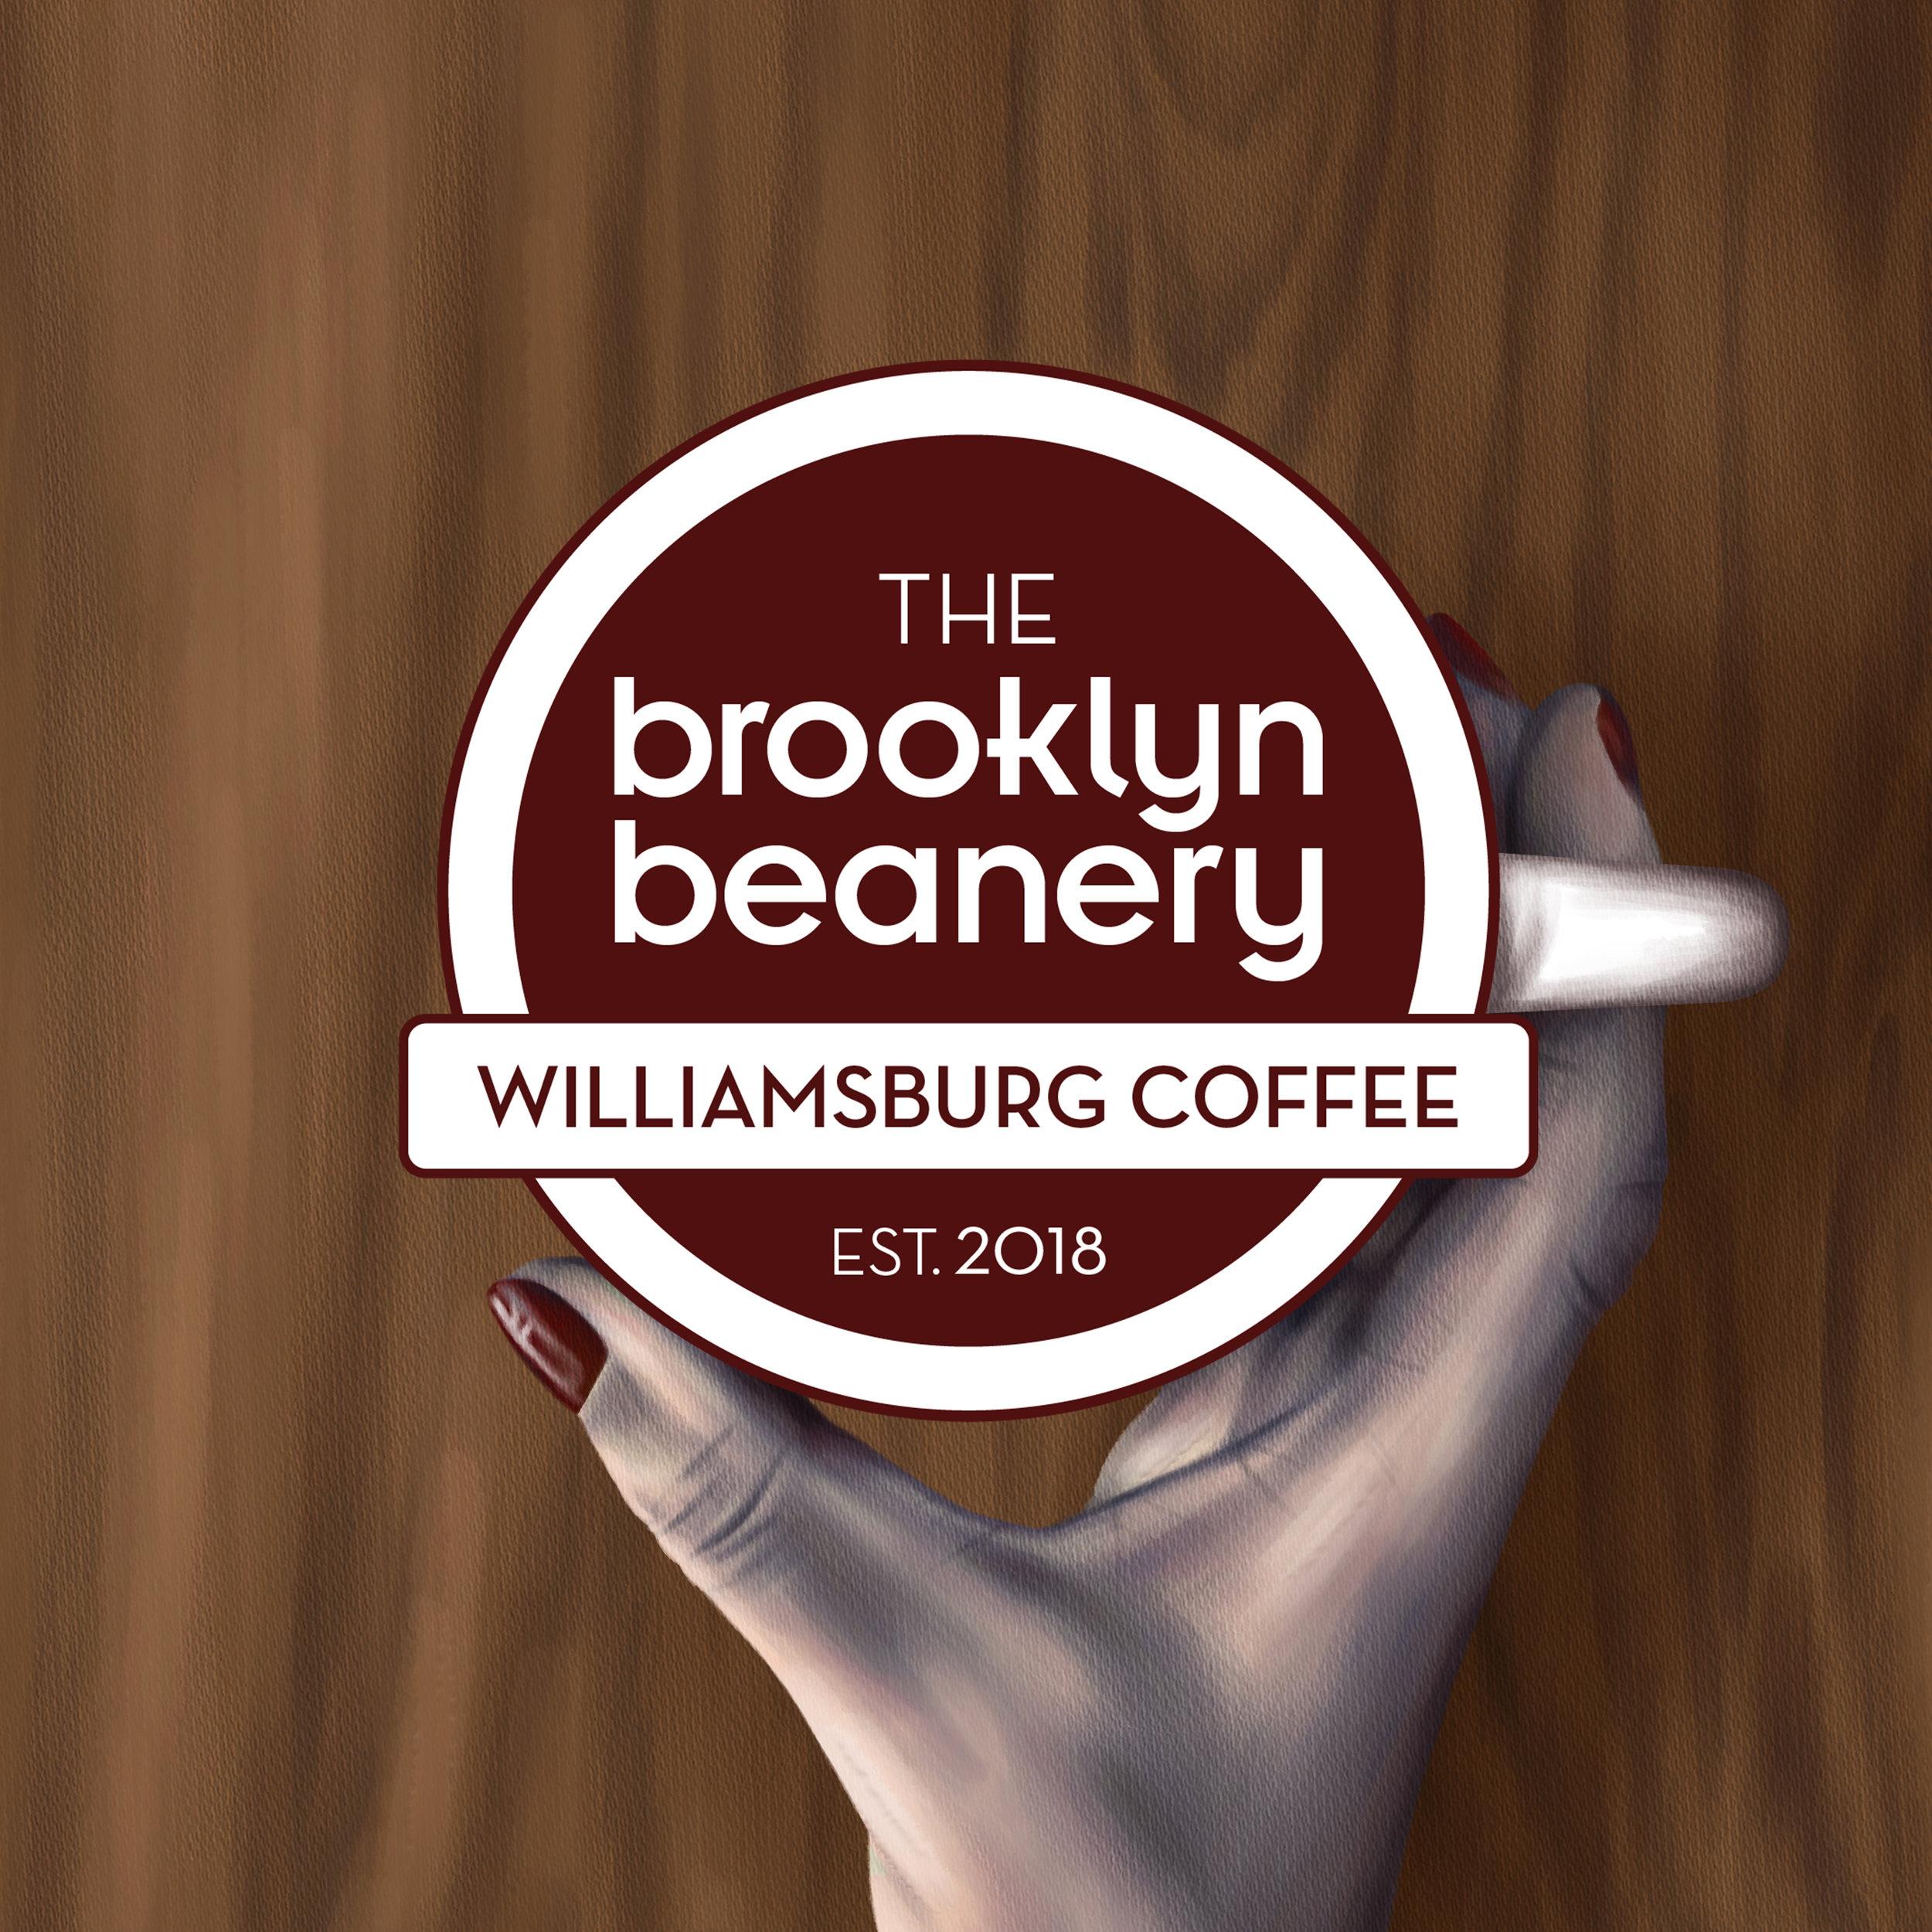 The Brooklyn Beanery